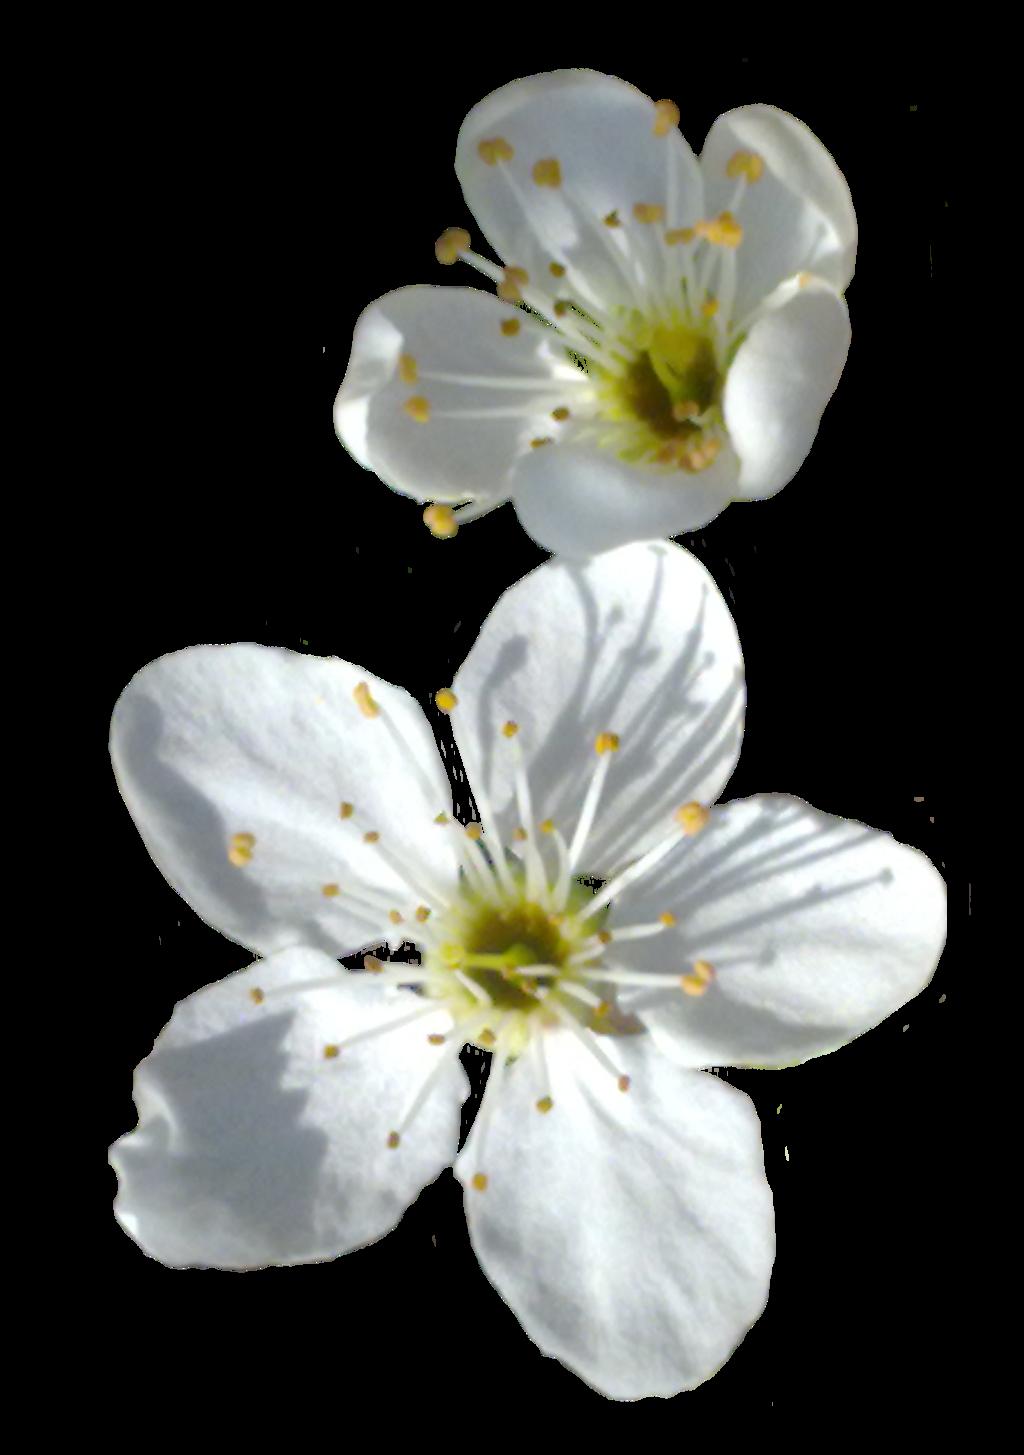 Spring flower png. Transparent image mart